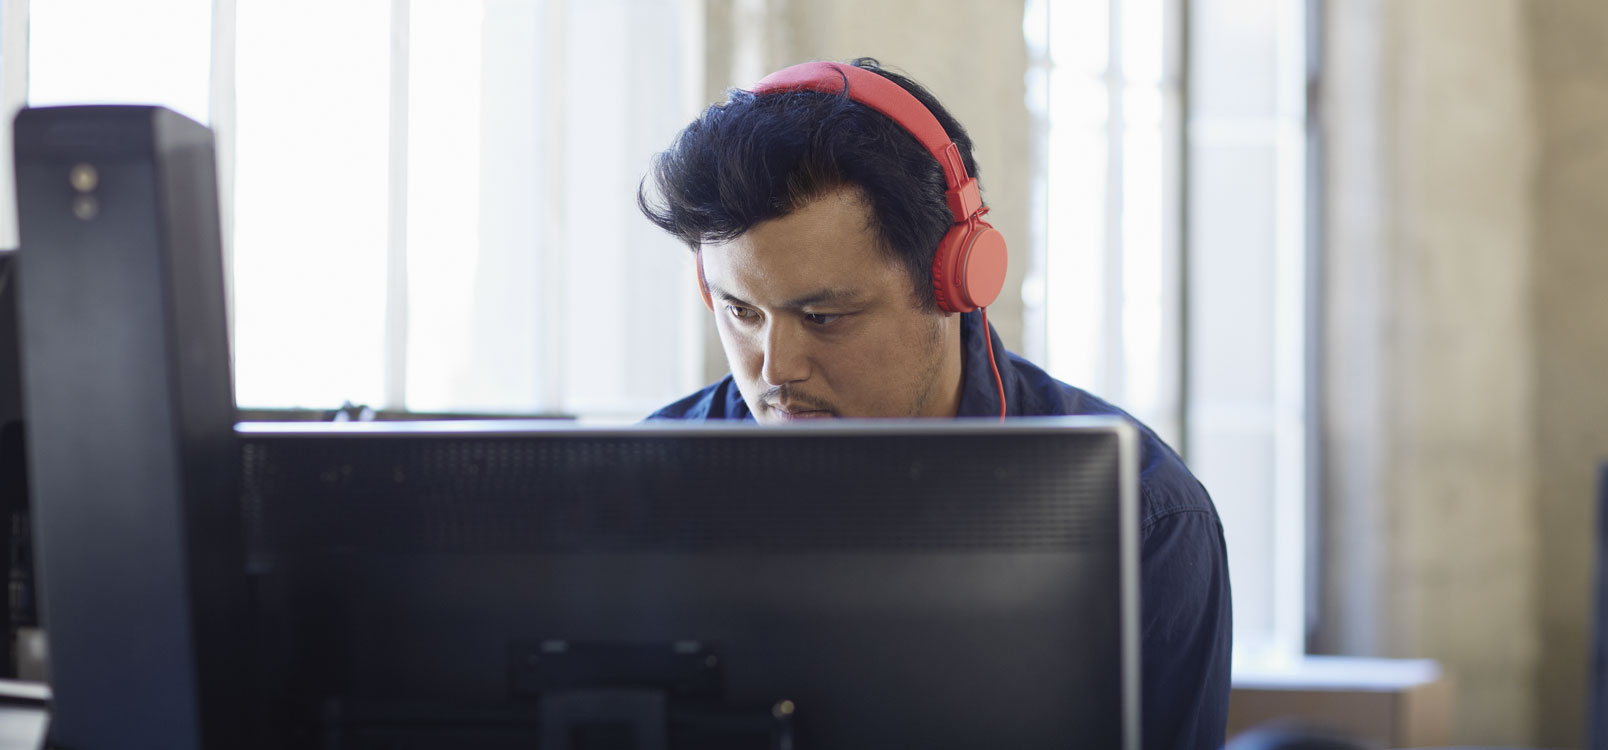 """Žmogus su ausinėmis, dirbantis prie stalinio kompiuterio ir naudojantis """"Office 365"""", kad supaprastintų IT valdymą."""